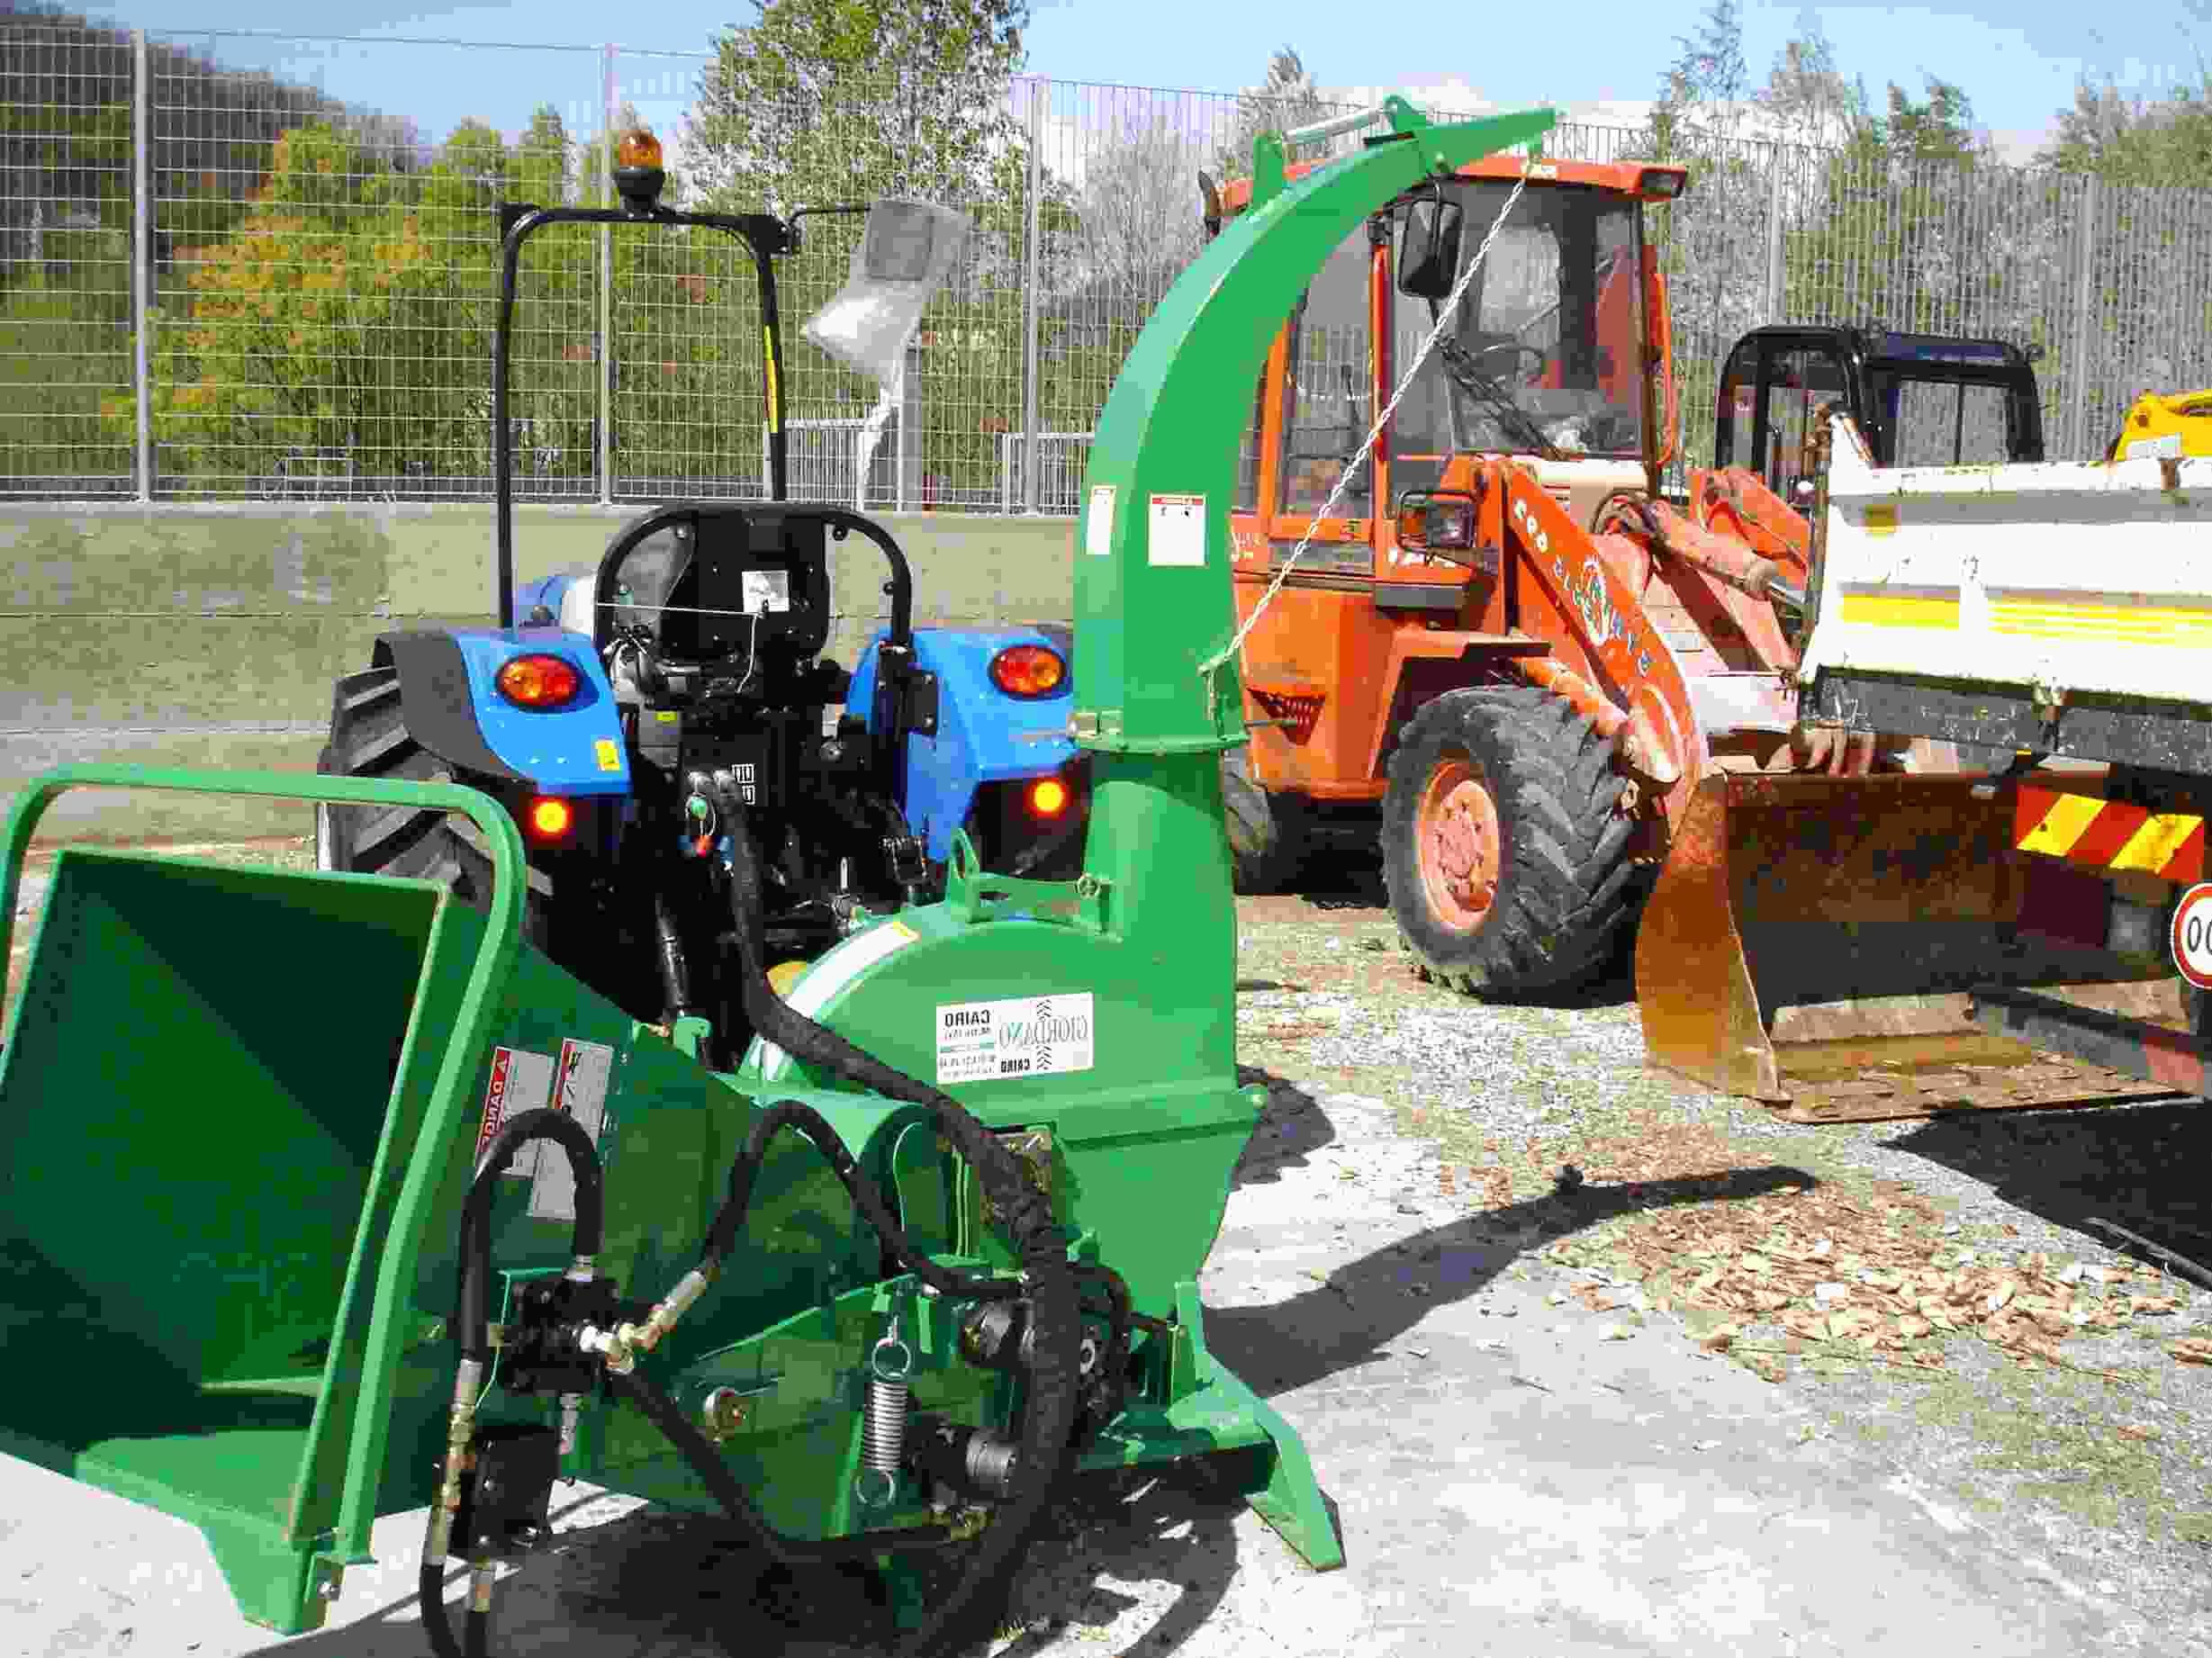 biotrituratore cippatore trattore usato